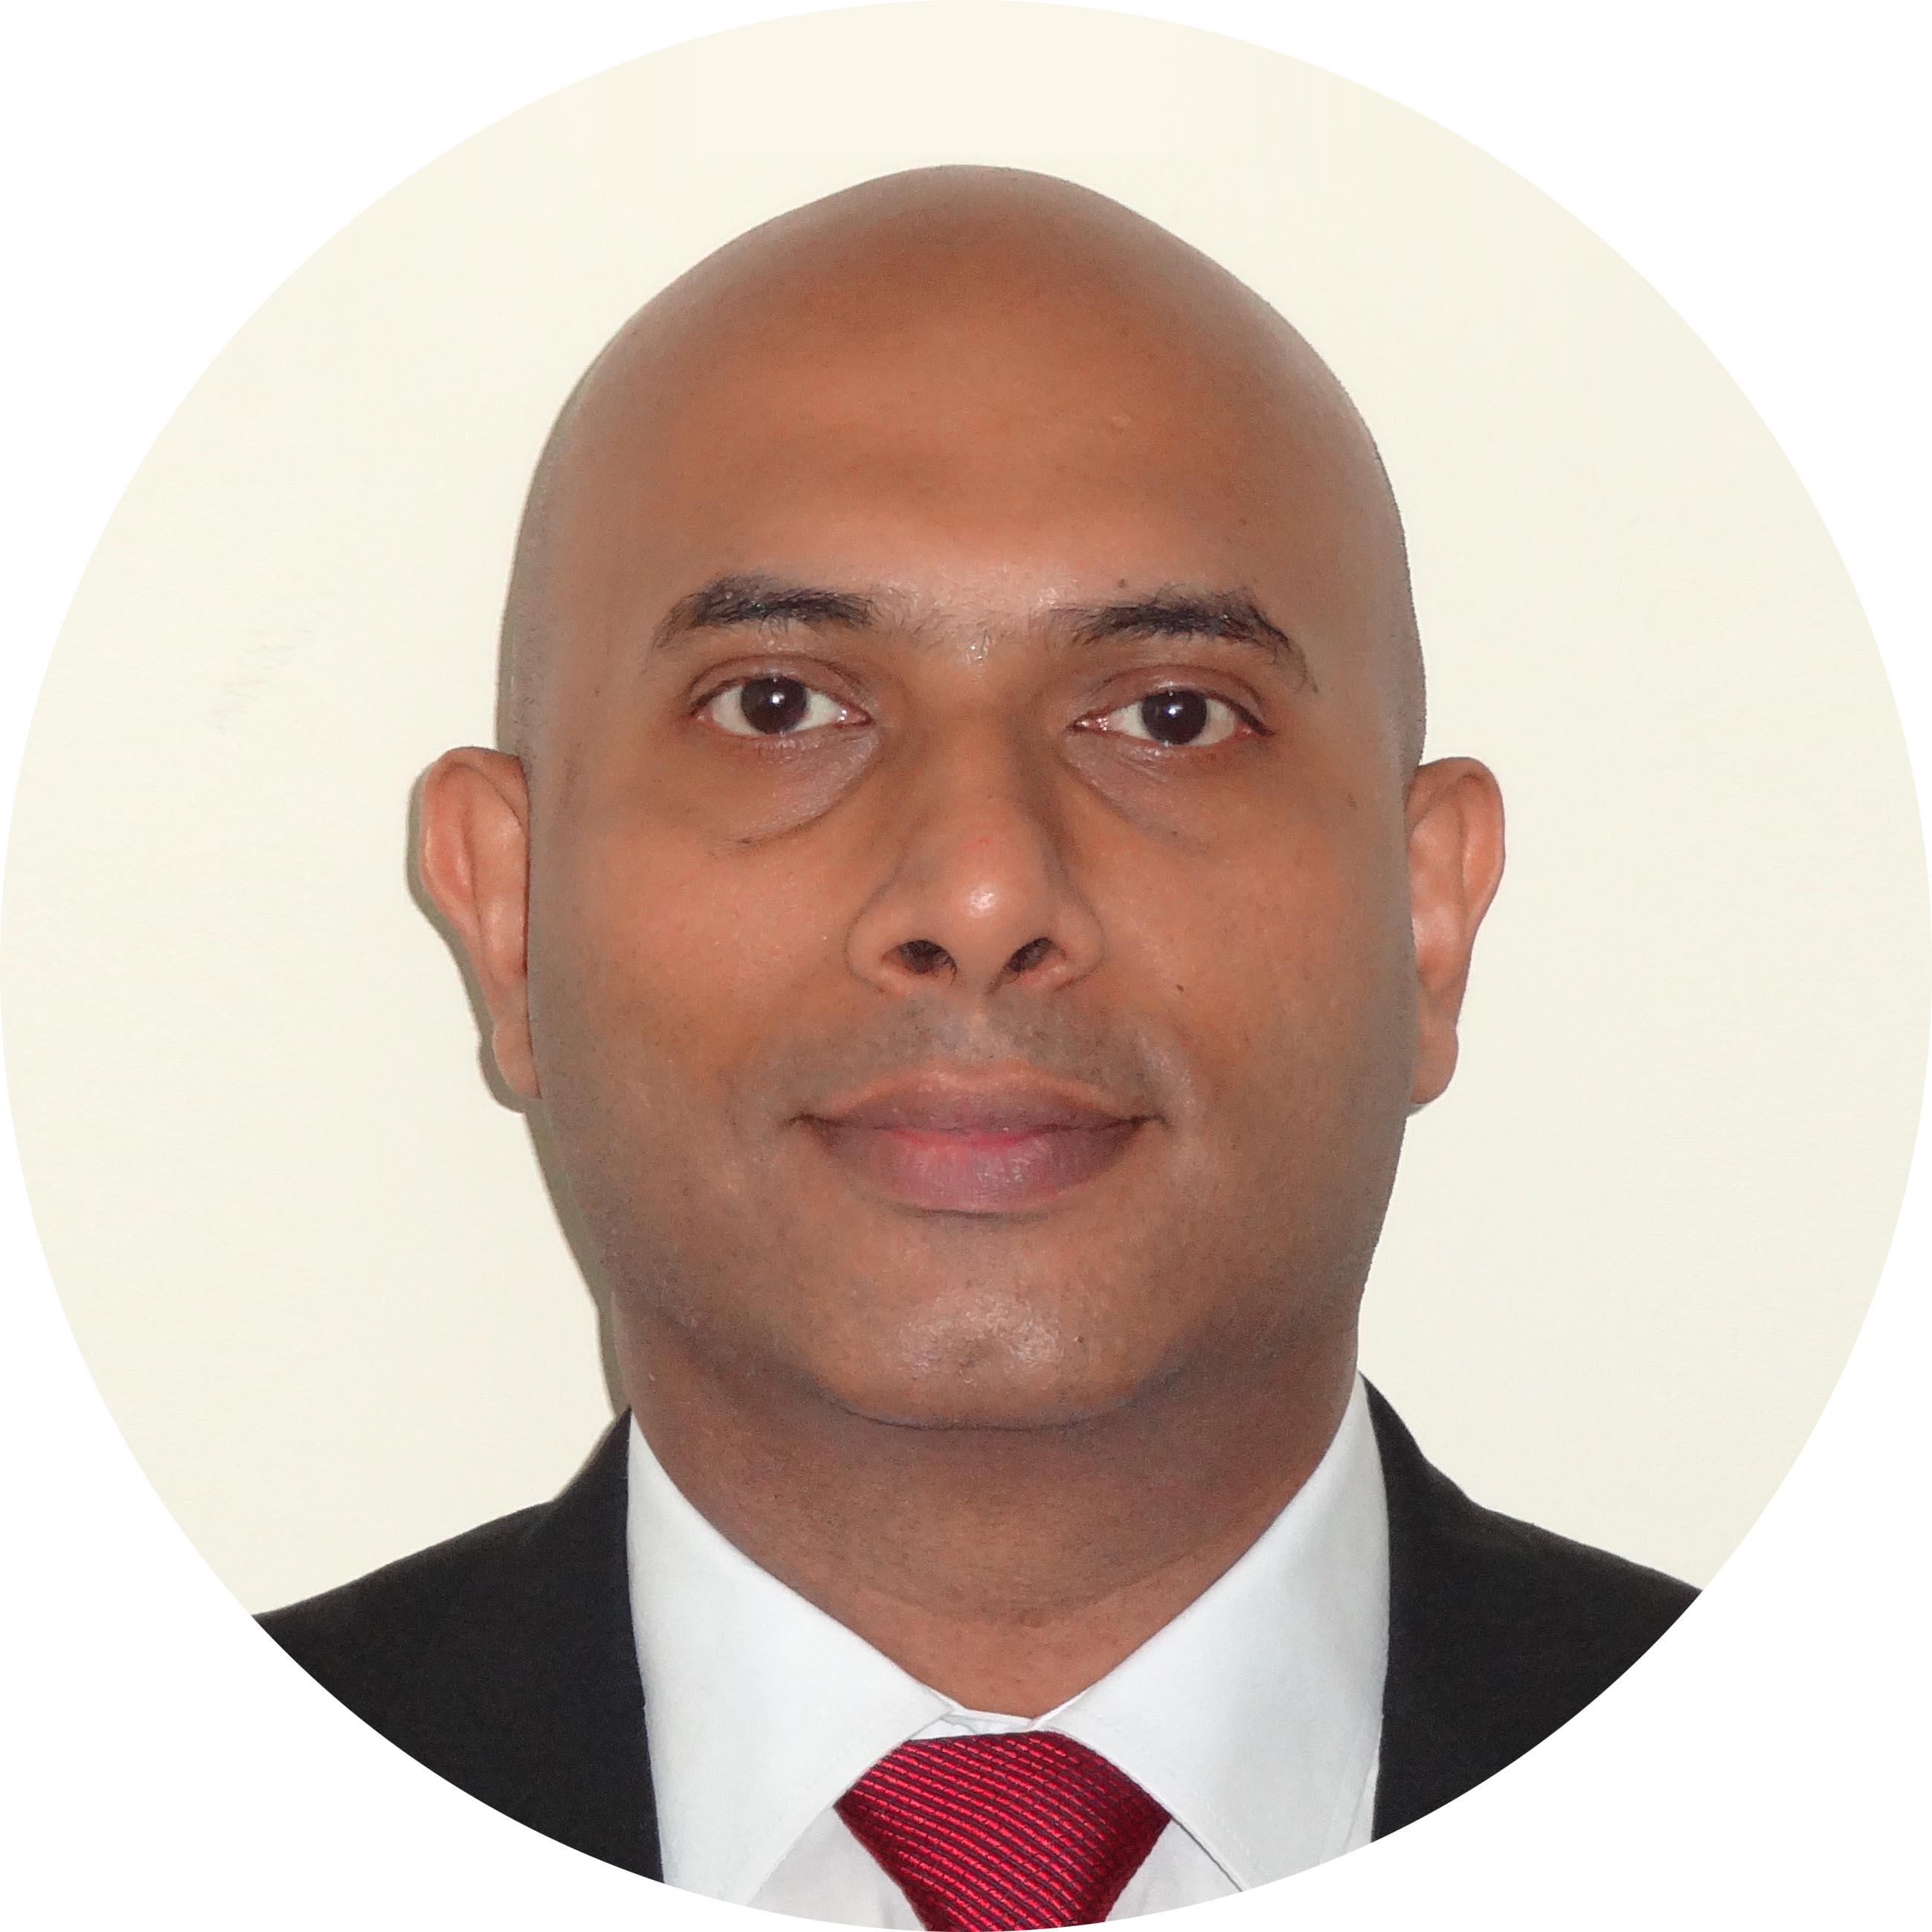 Dr. Ashish Mathew